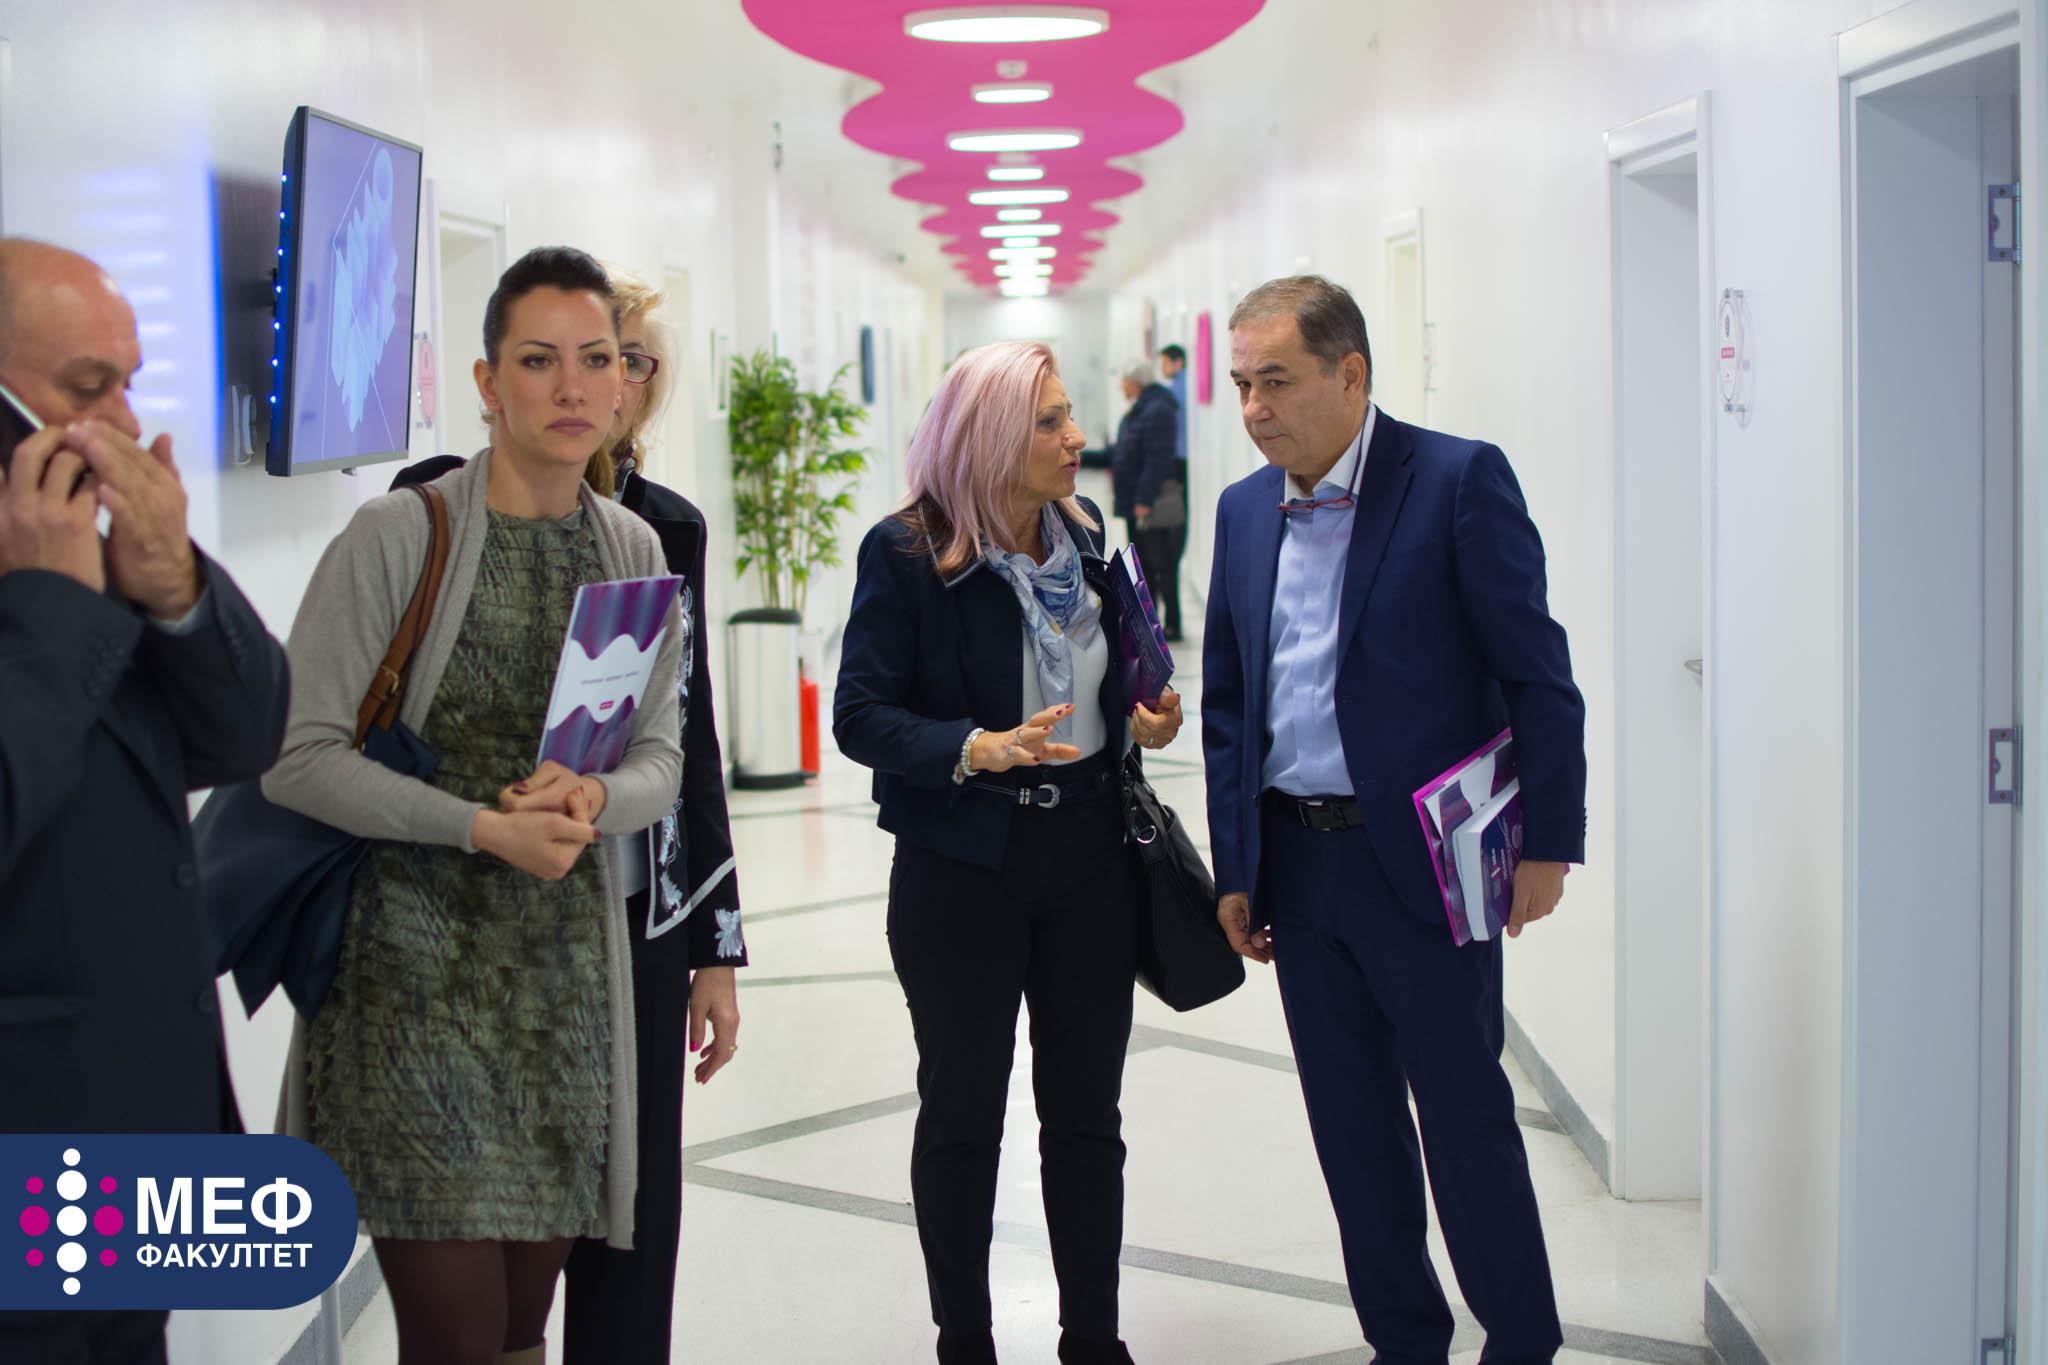 MEF Fakultet - izvestaj sa konferencije 2